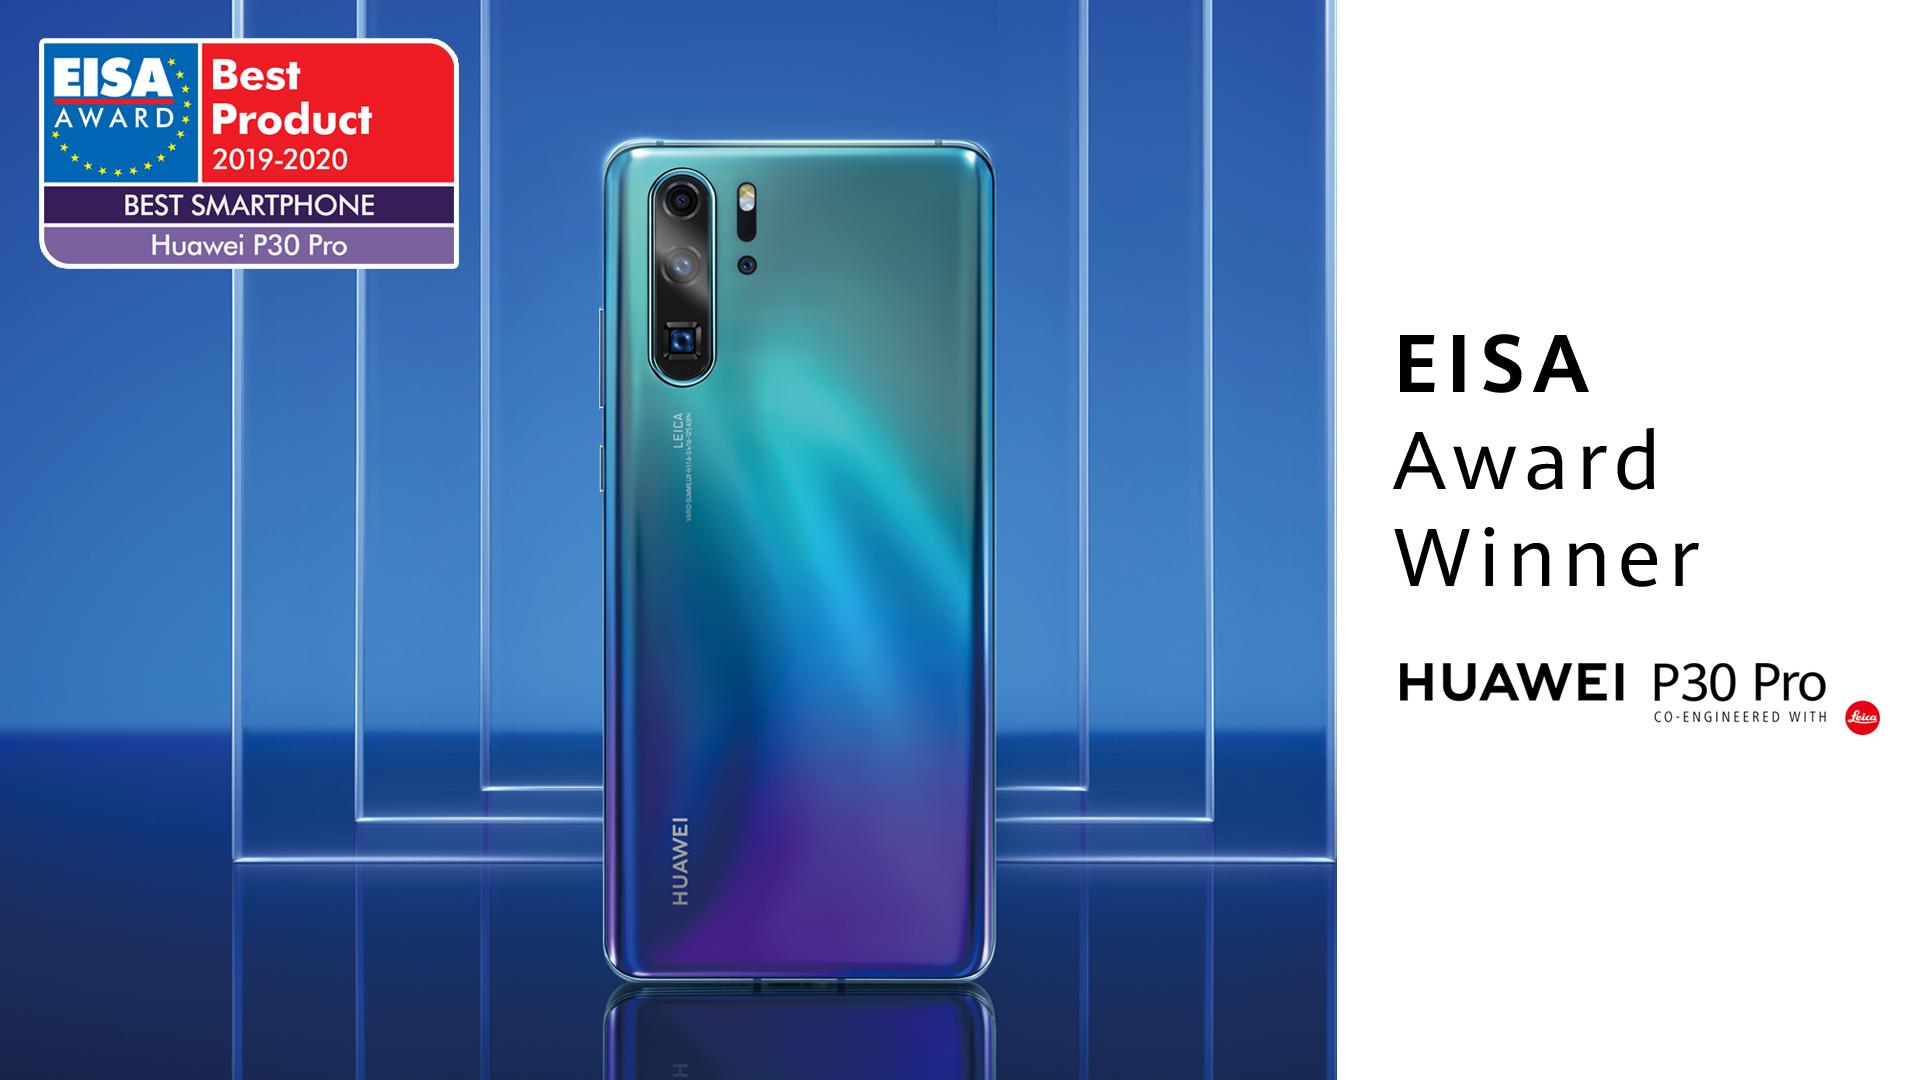 HUAWEI P30 Pro EISA Awards Photo